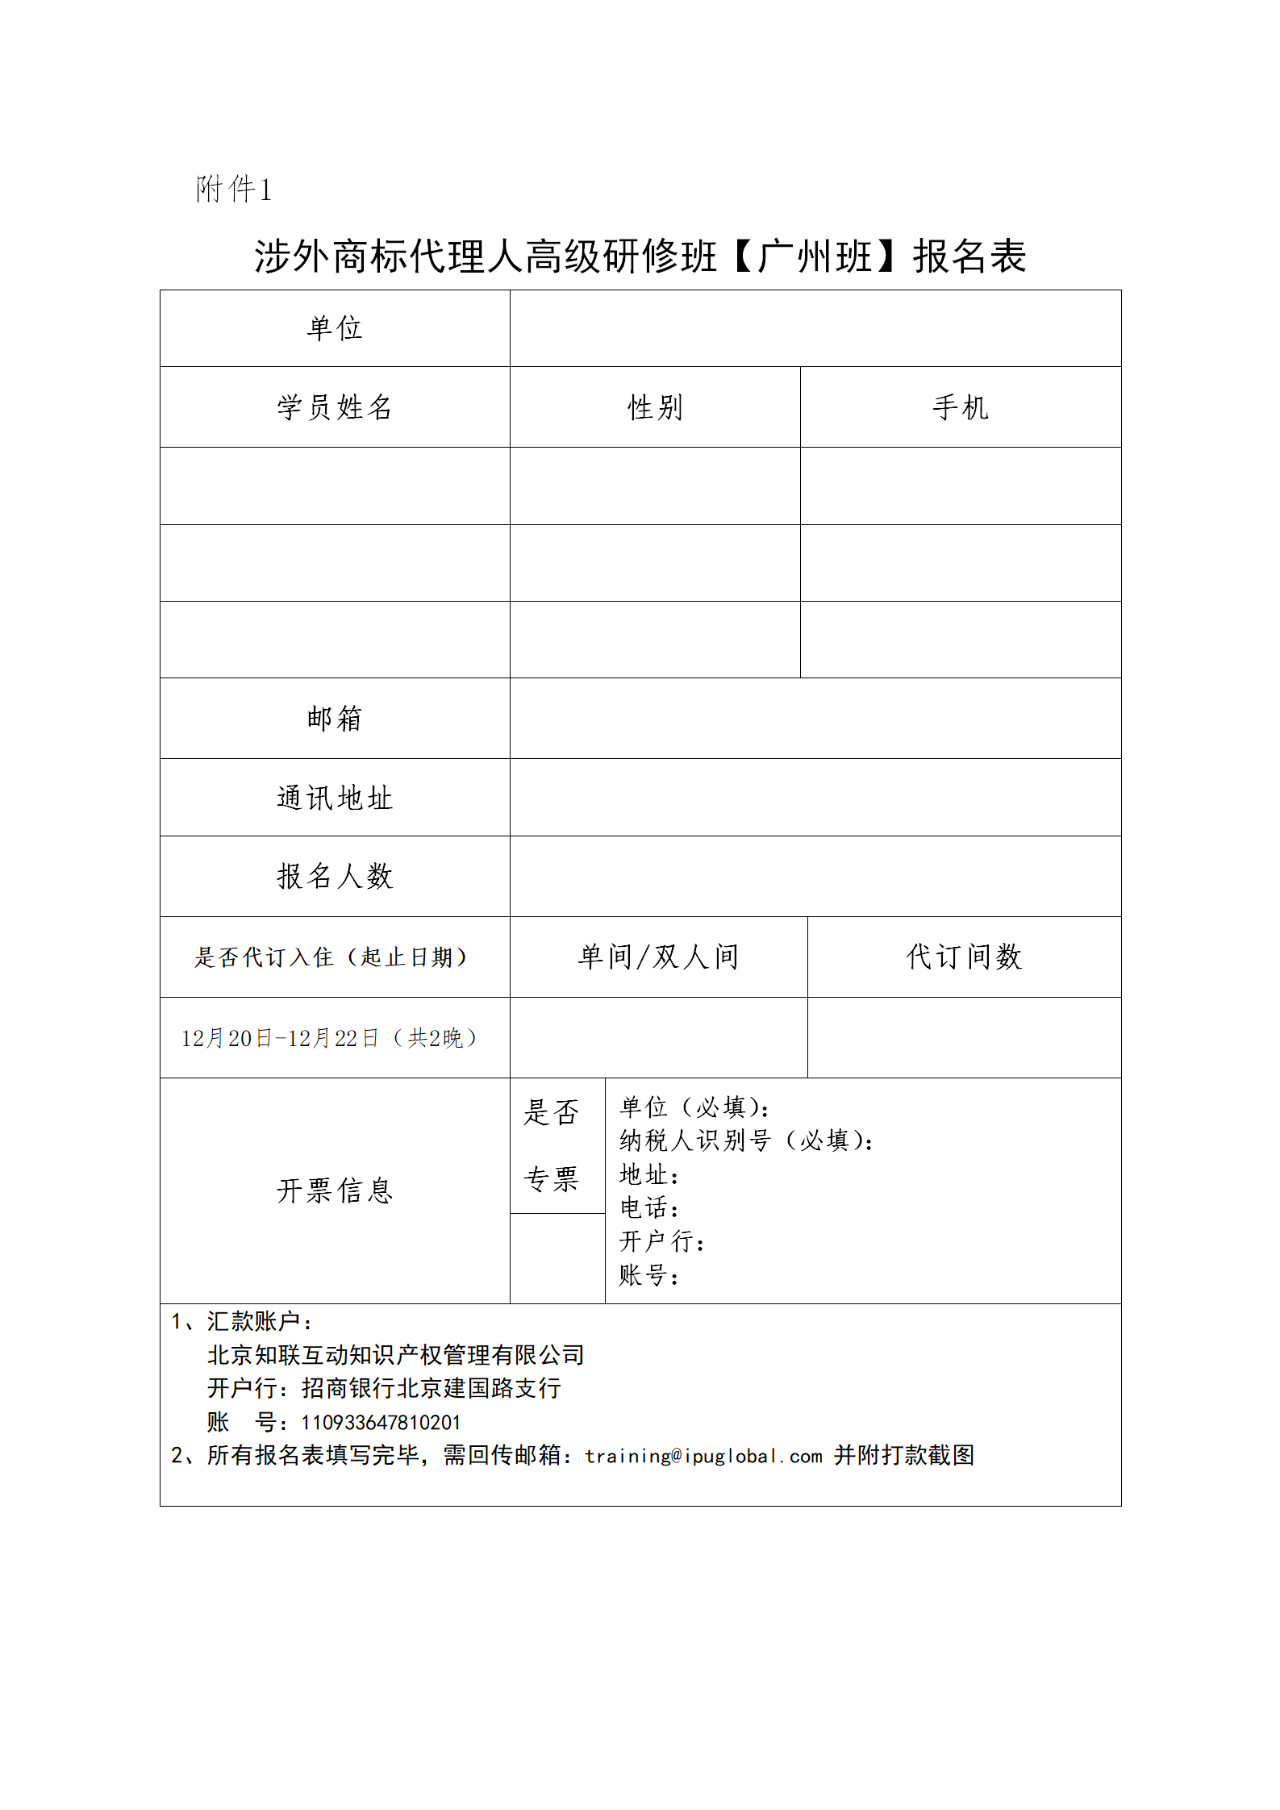 更新版!「涉外商标代理人高级研修班 」广州站倒计时报名